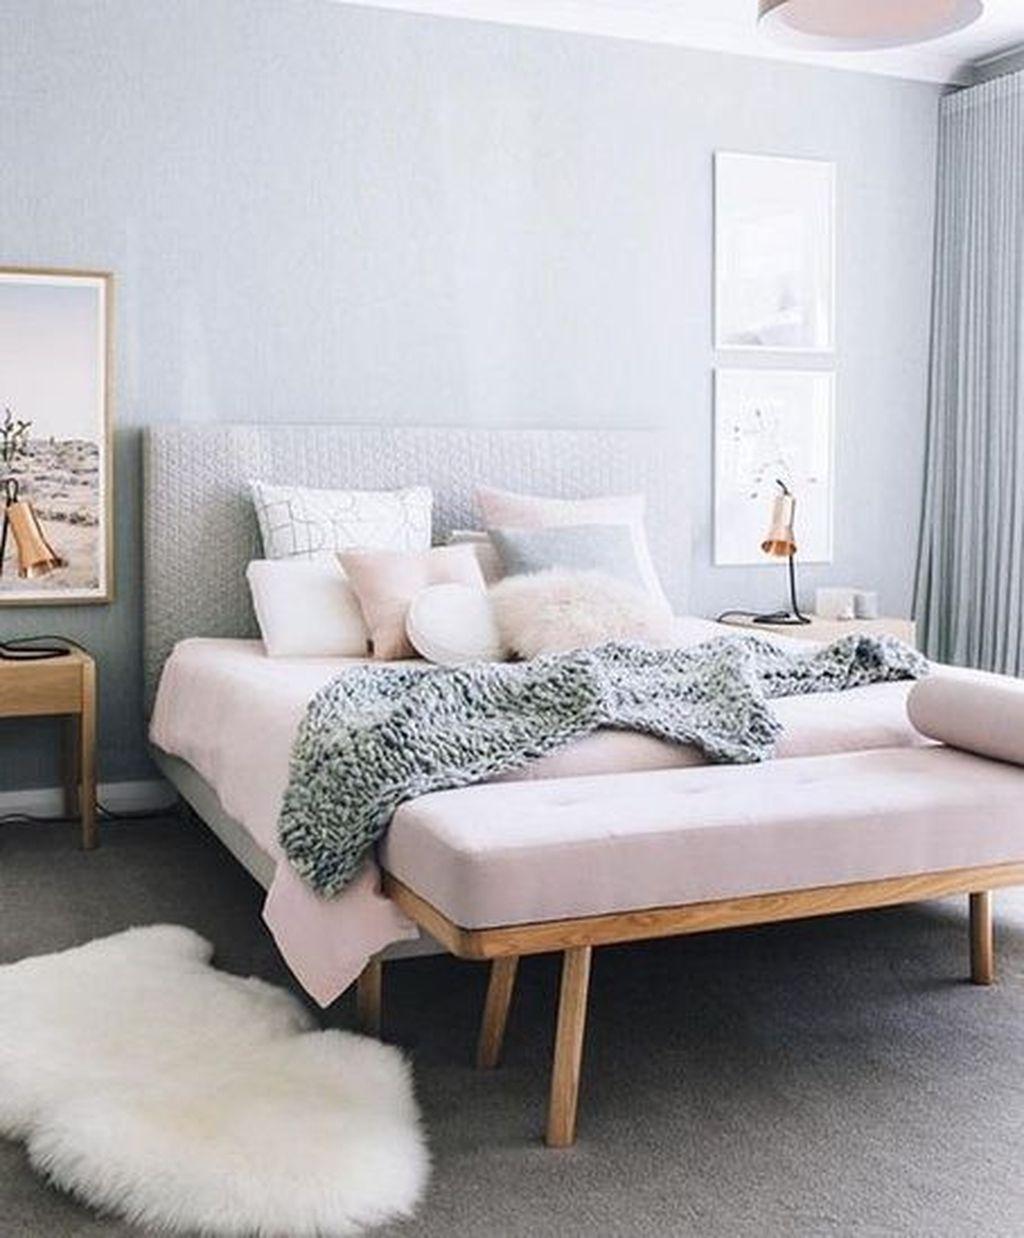 46 The Best Scandinavian Bedroom Interior Design Ideas ...